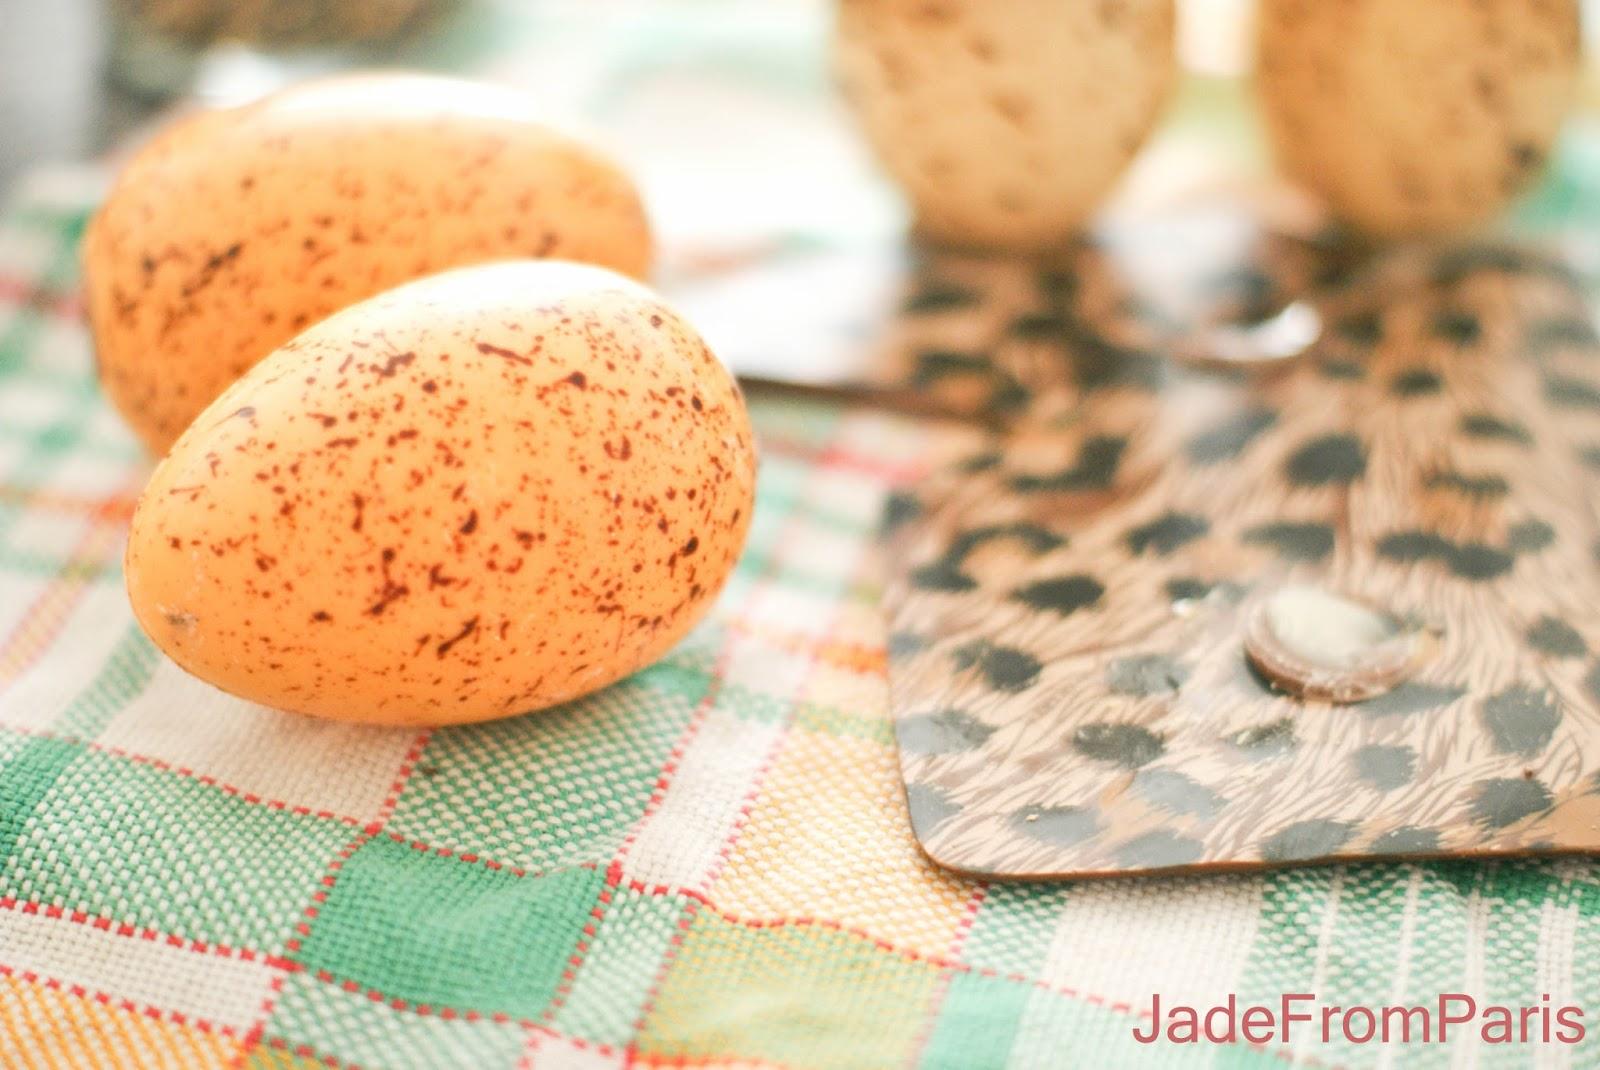 chocolats roland réauté pâques